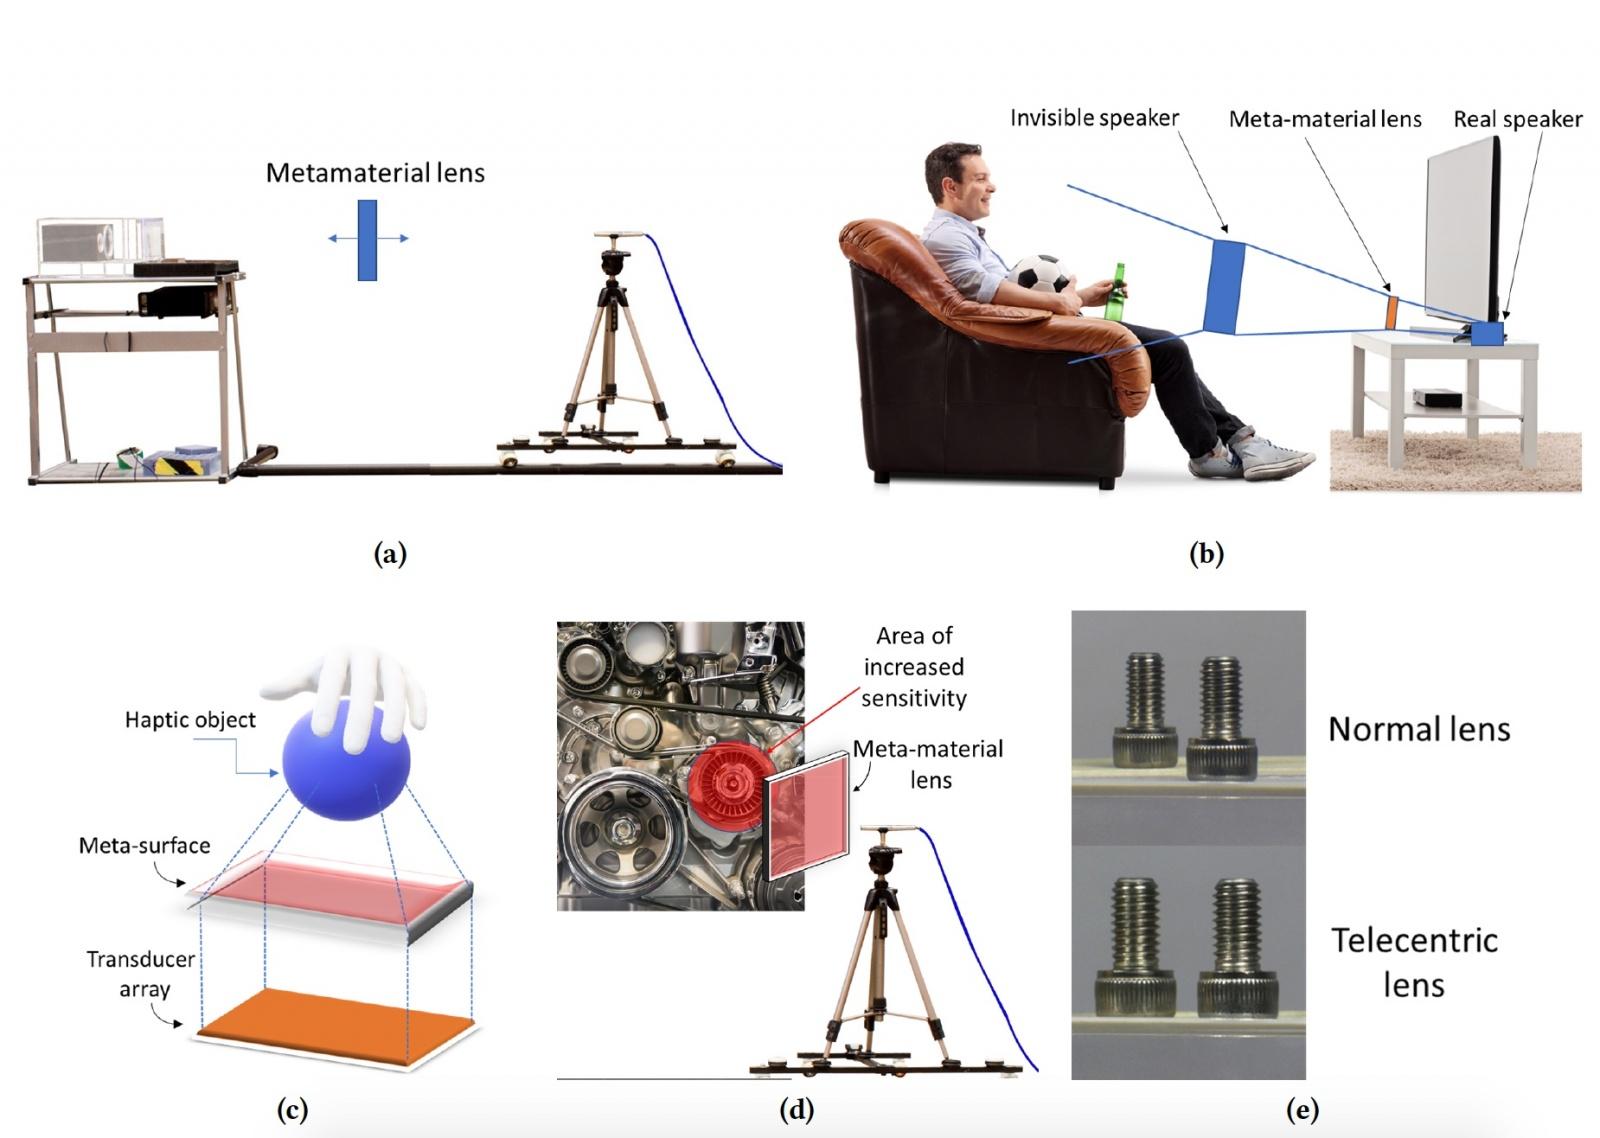 Кастомизация звука: «линзы» из метаматериала для контроля звукового поля - 7